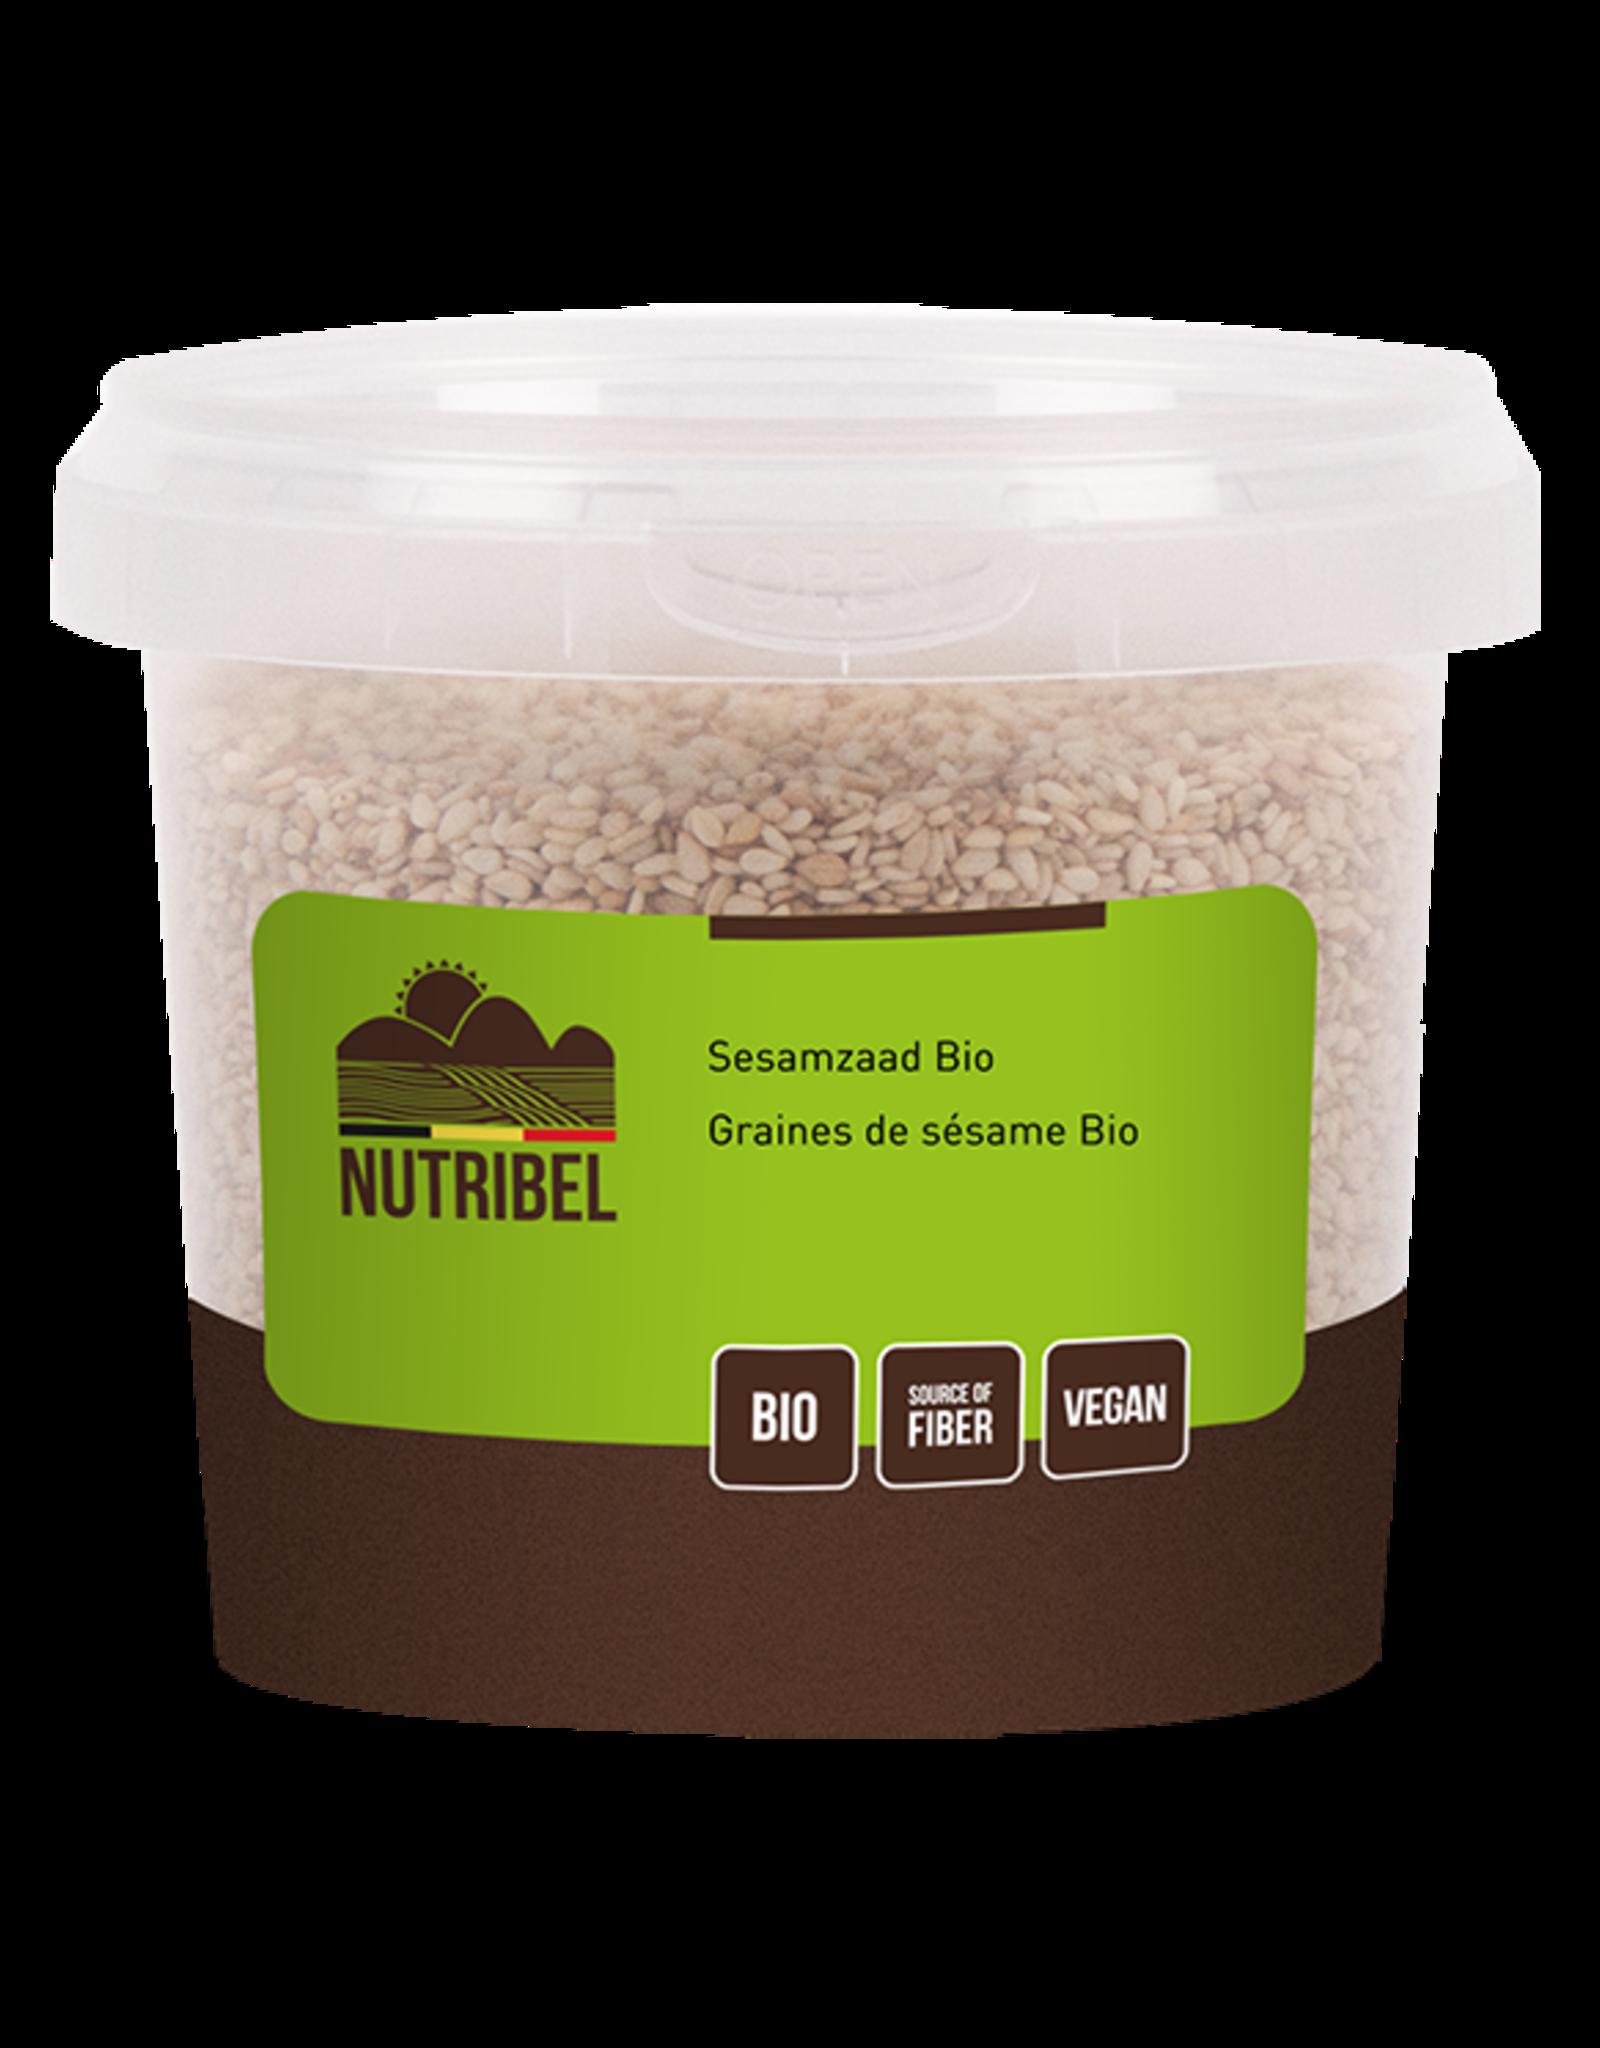 Nutribel Graines de sesame bio 200g